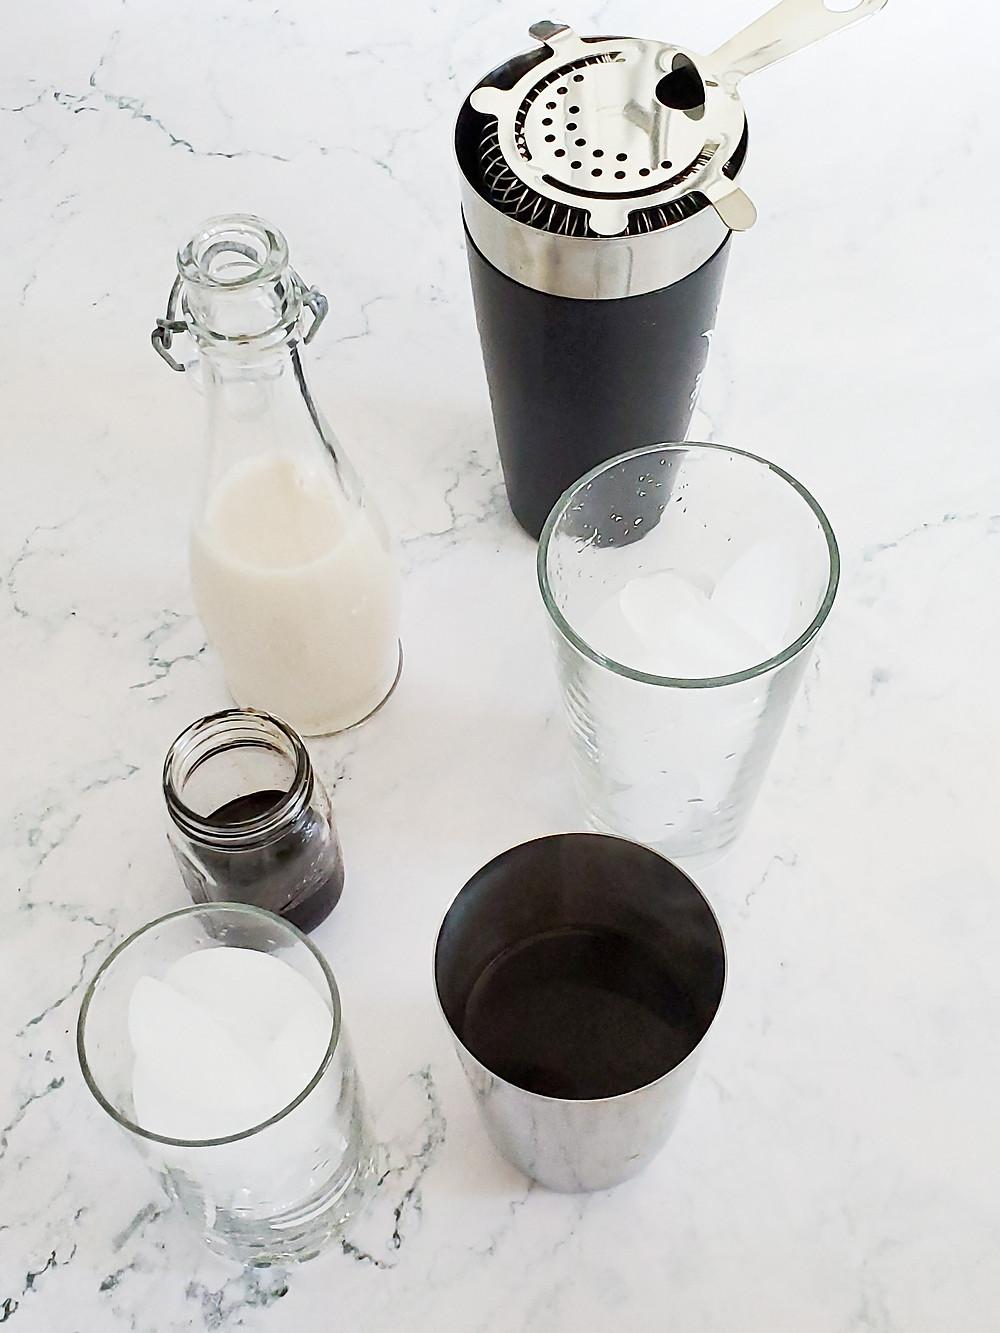 kitchen tools for Iced Brown Sugar Shaken Espresso